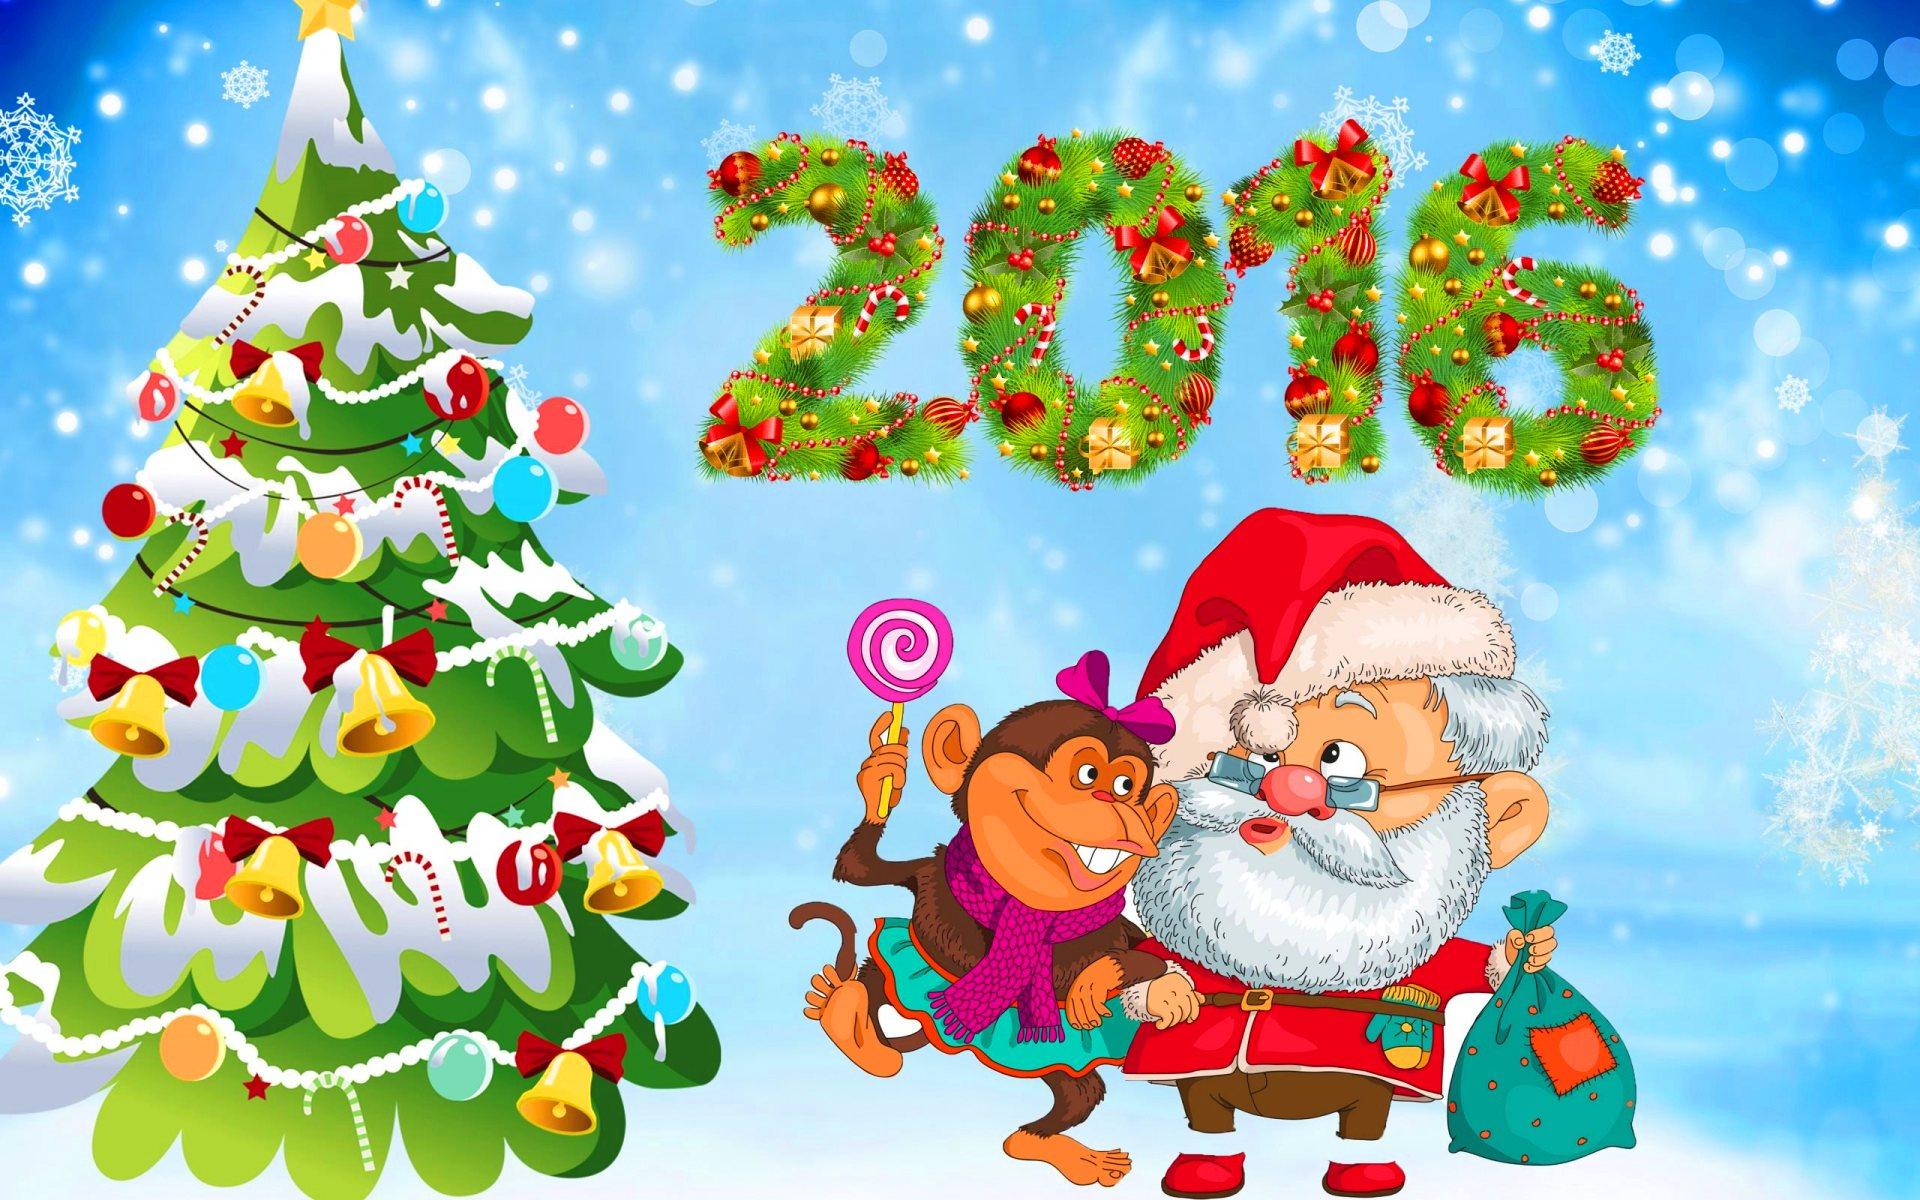 Картинка 2016 года - C наступающим новым годом 2019 поздравительные картинки